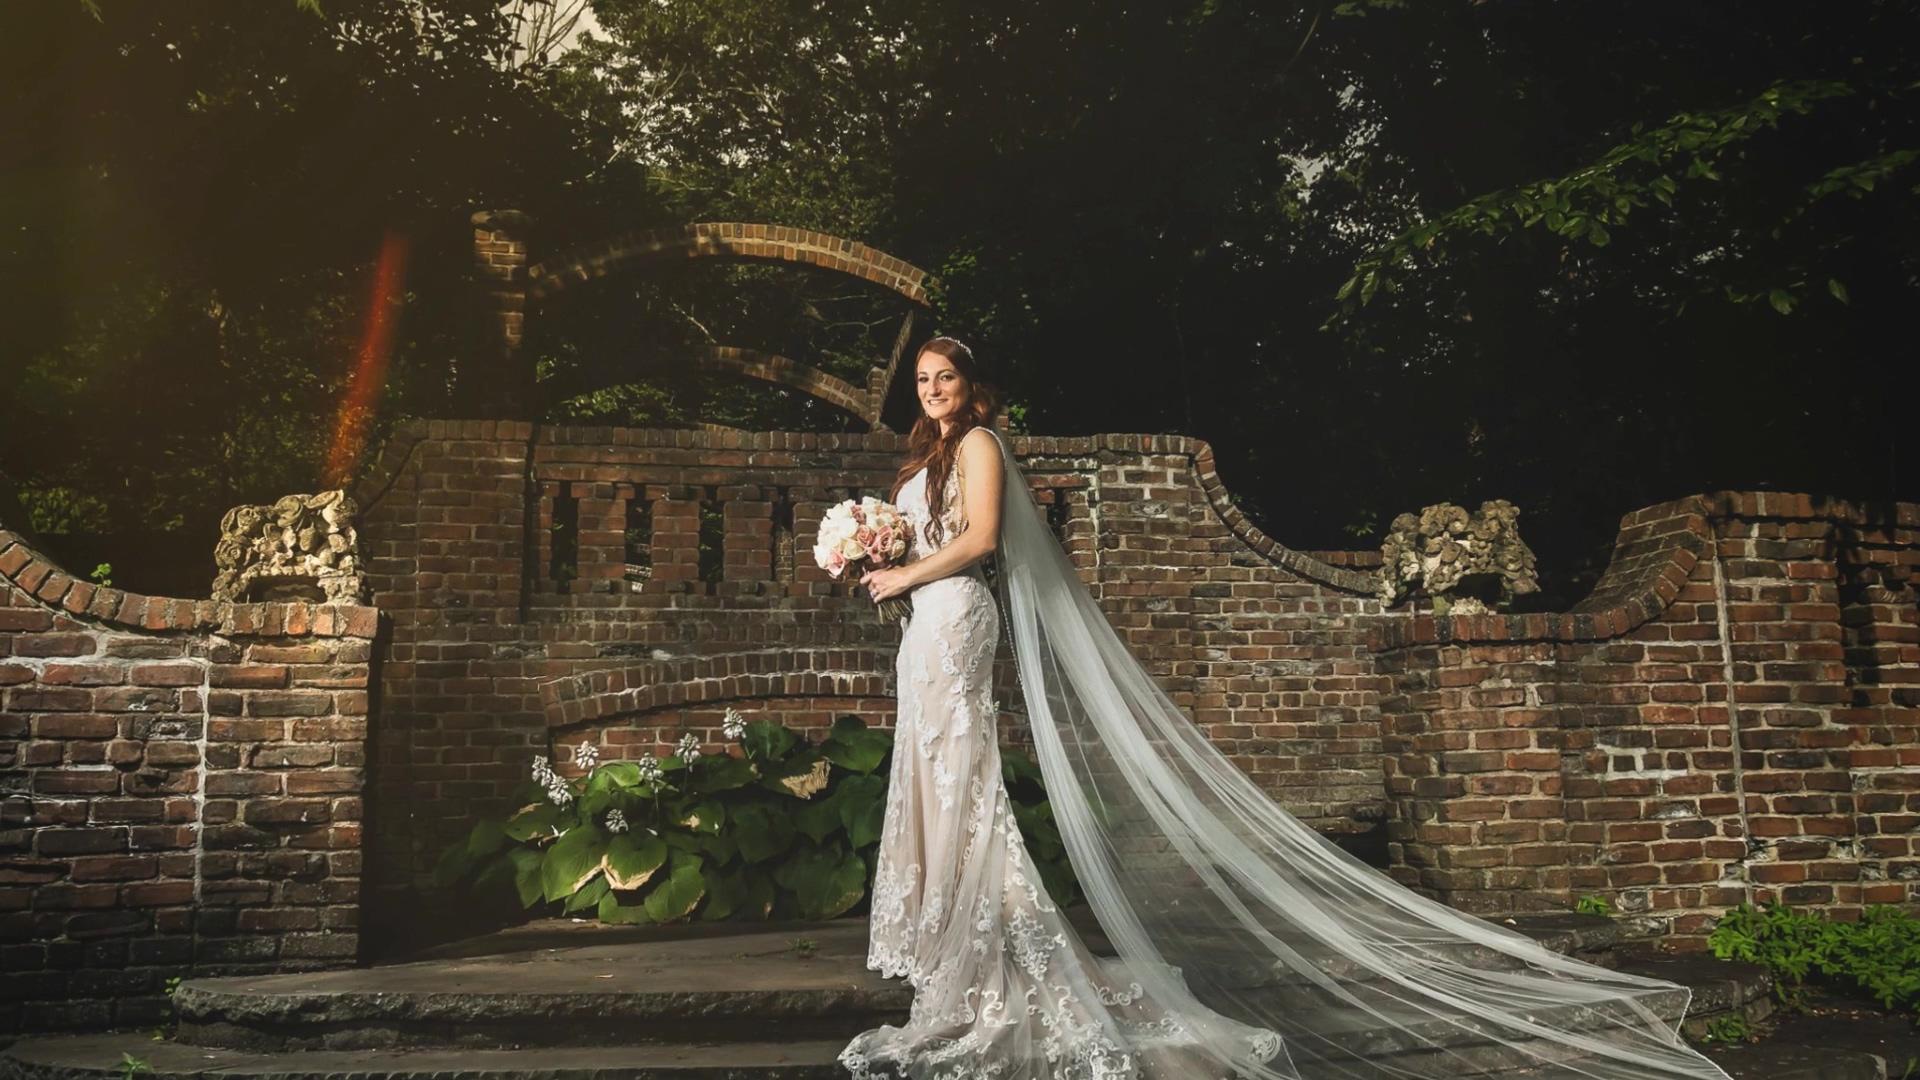 2020_Wedding_Photos_at_L.I.U_Post_1080p